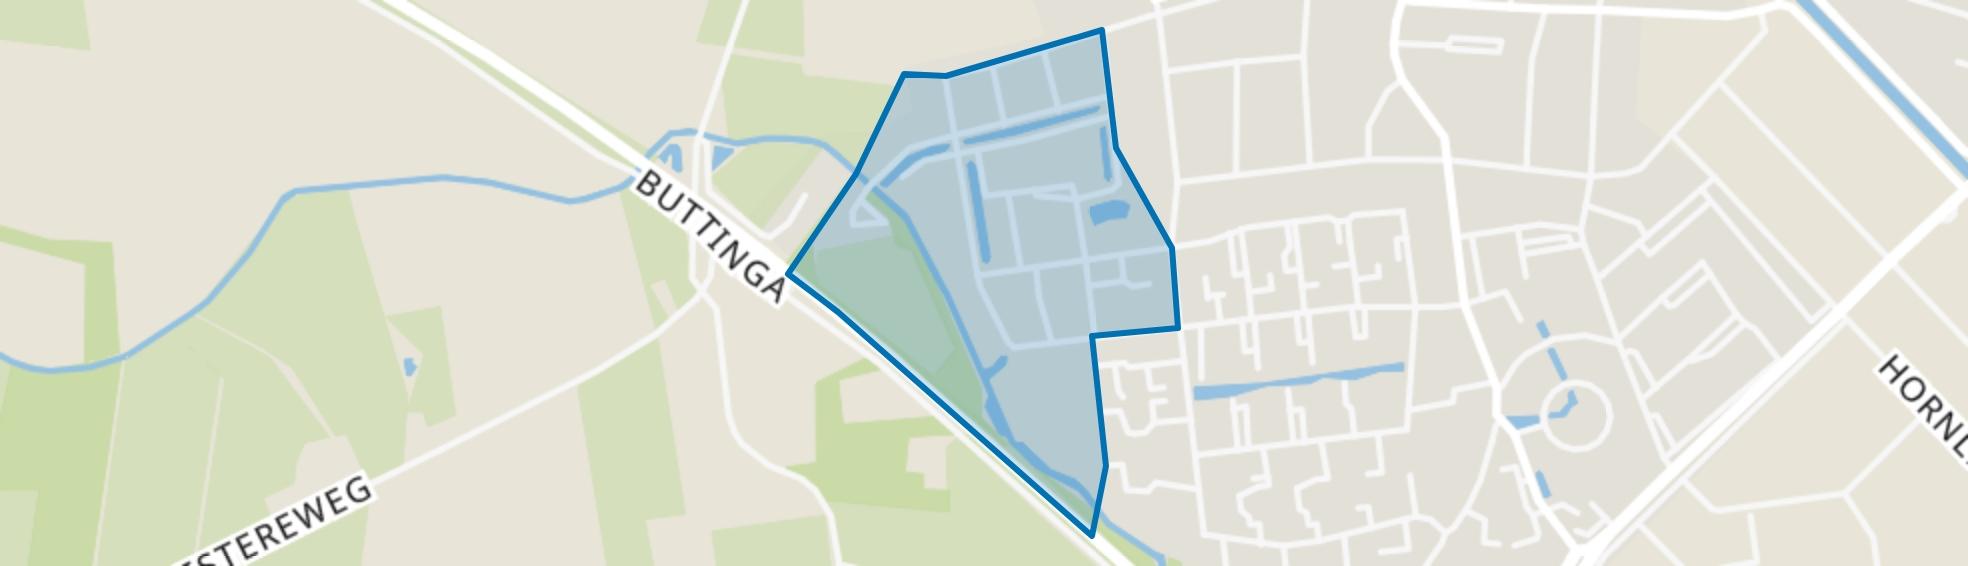 Oosterwolde-Slatten, Oosterwolde (FR) map